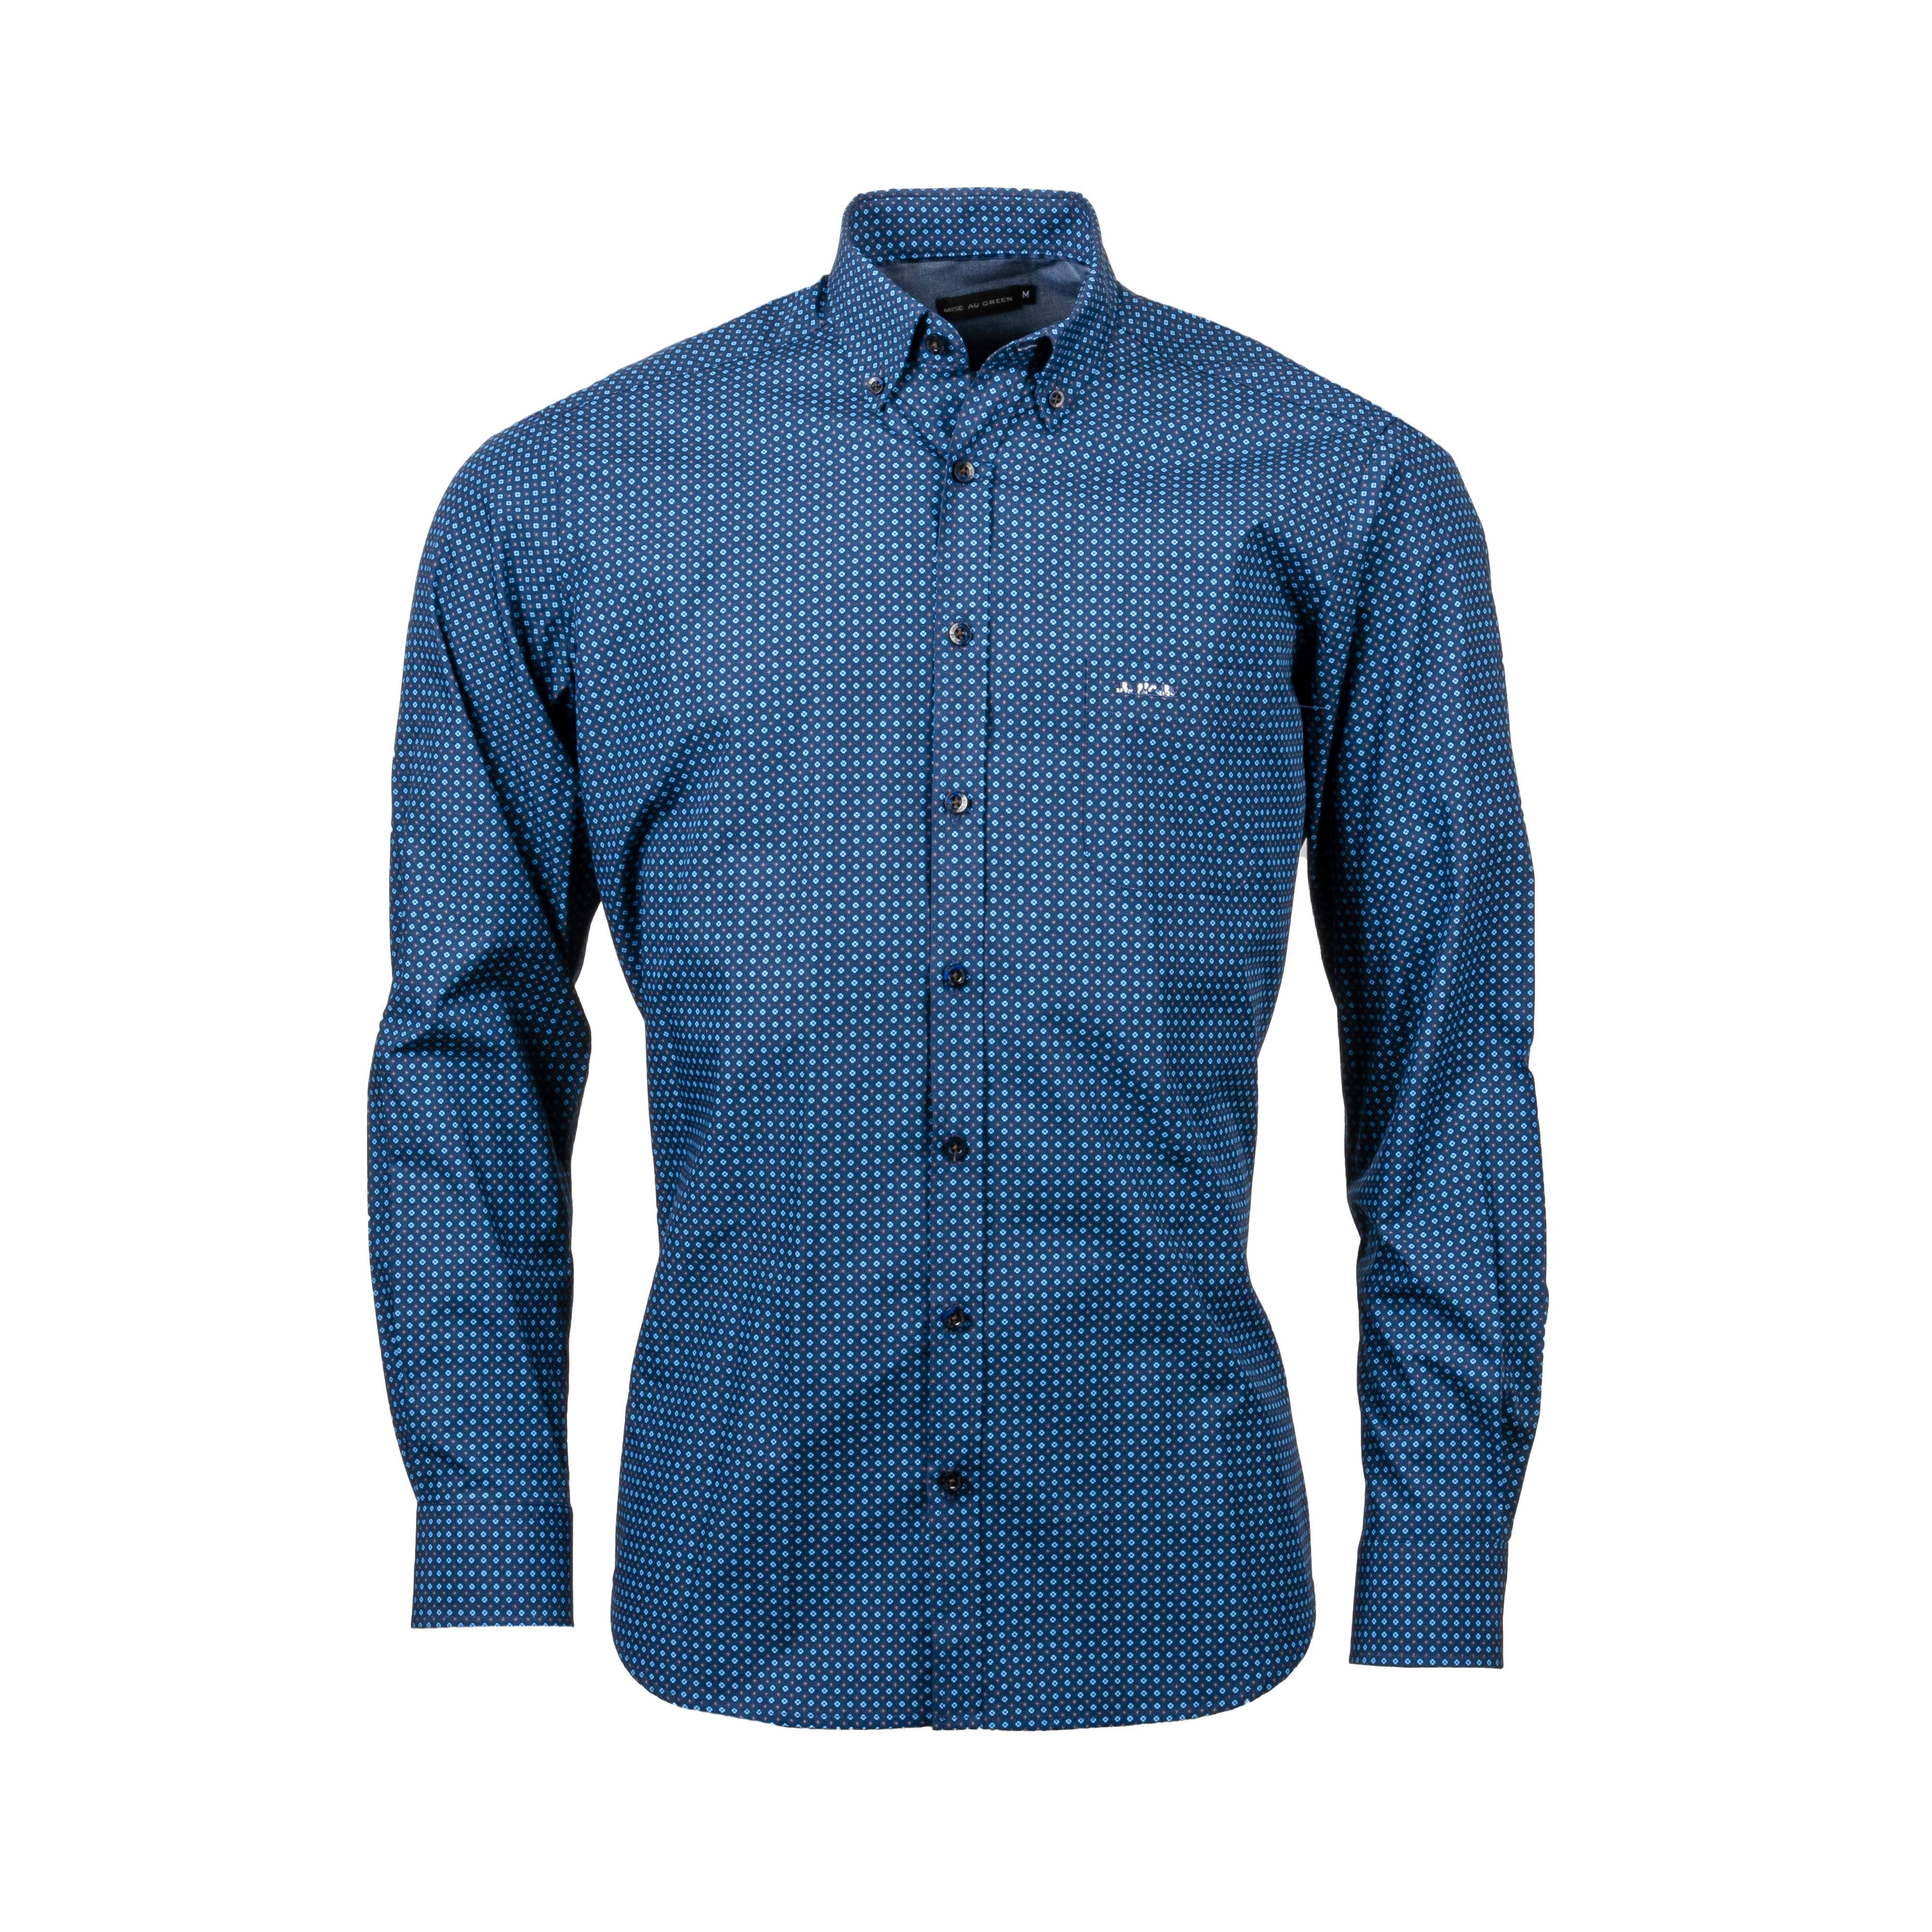 Chemise ajustée Mise au green en coton bleu marine à micro motifs bleu ciel et marron